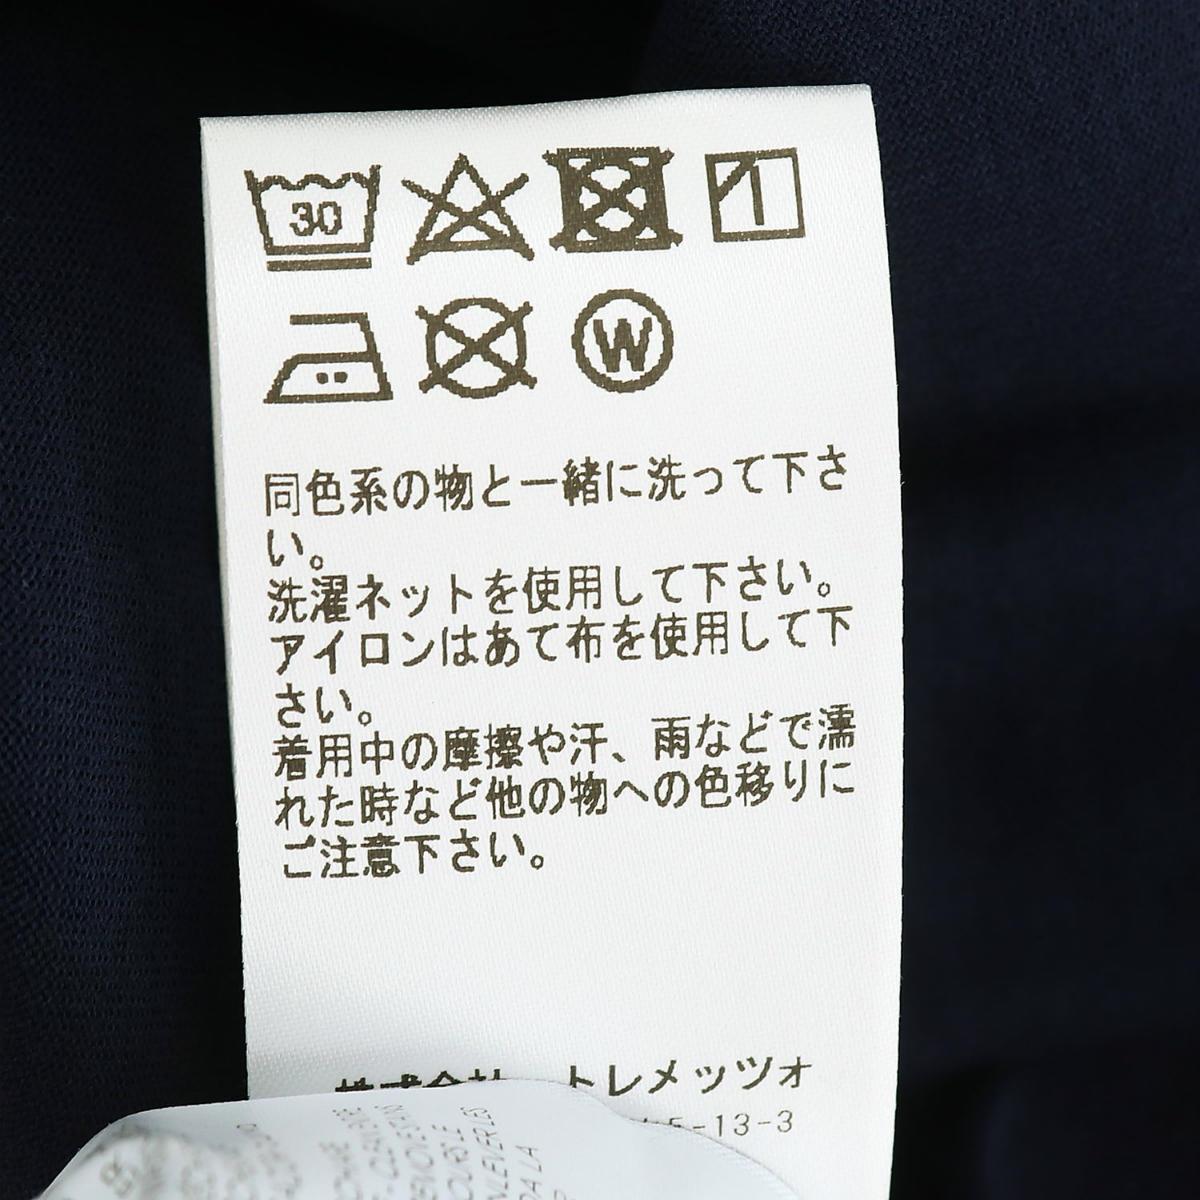 フェデーリ FEDELI メンズ GIZA オーガニックコットン クルーネックTシャツ EXTREME MM. FDL 626(ネイビー) 春夏新作